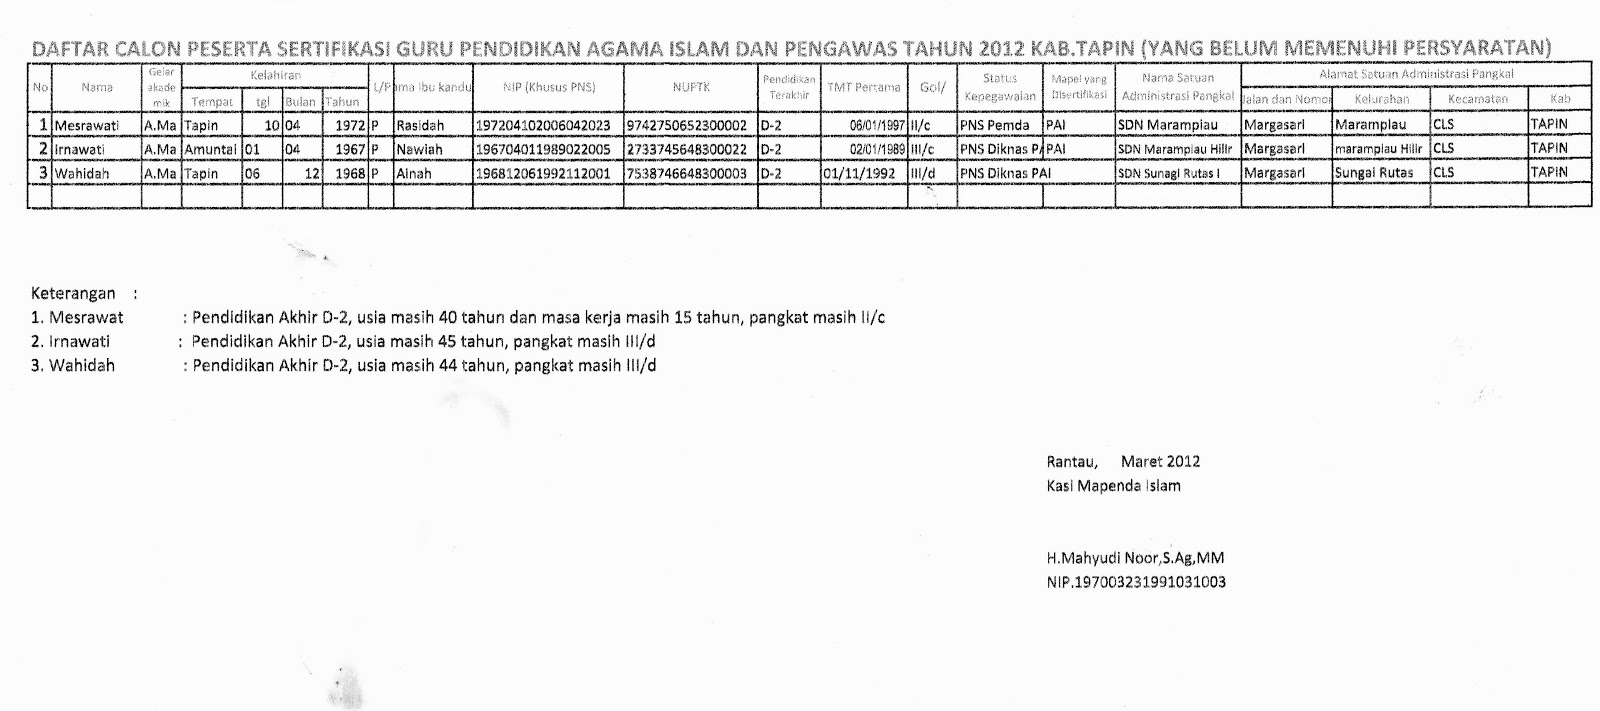 CALON SERITIFIKASI GURU PAI 2012 di Kabupaten Tapin